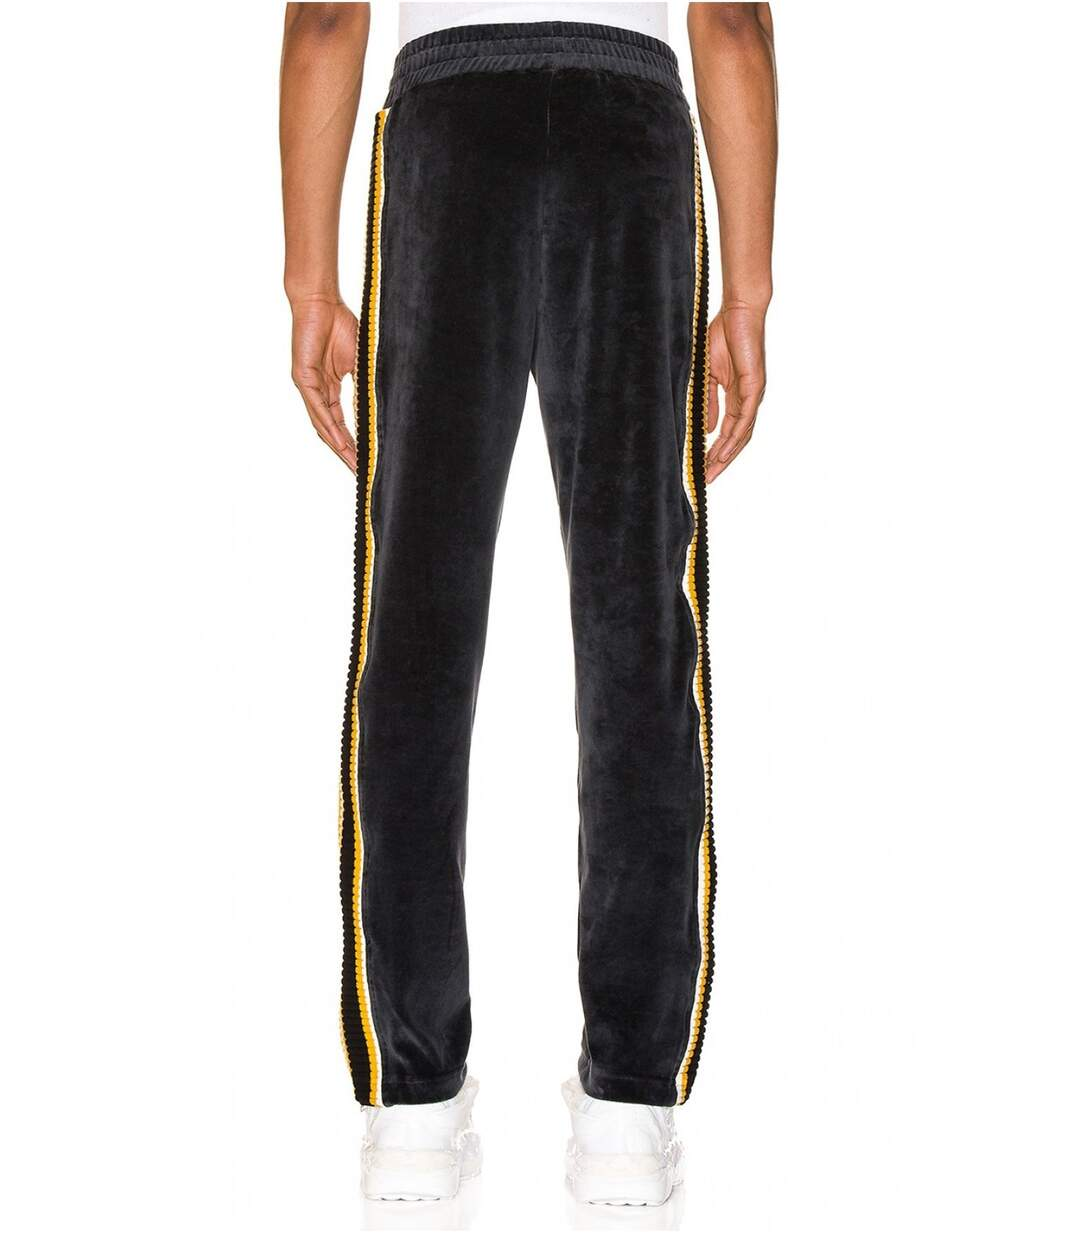 Pantalon sportwear à zip  -  Palm Angels - Homme